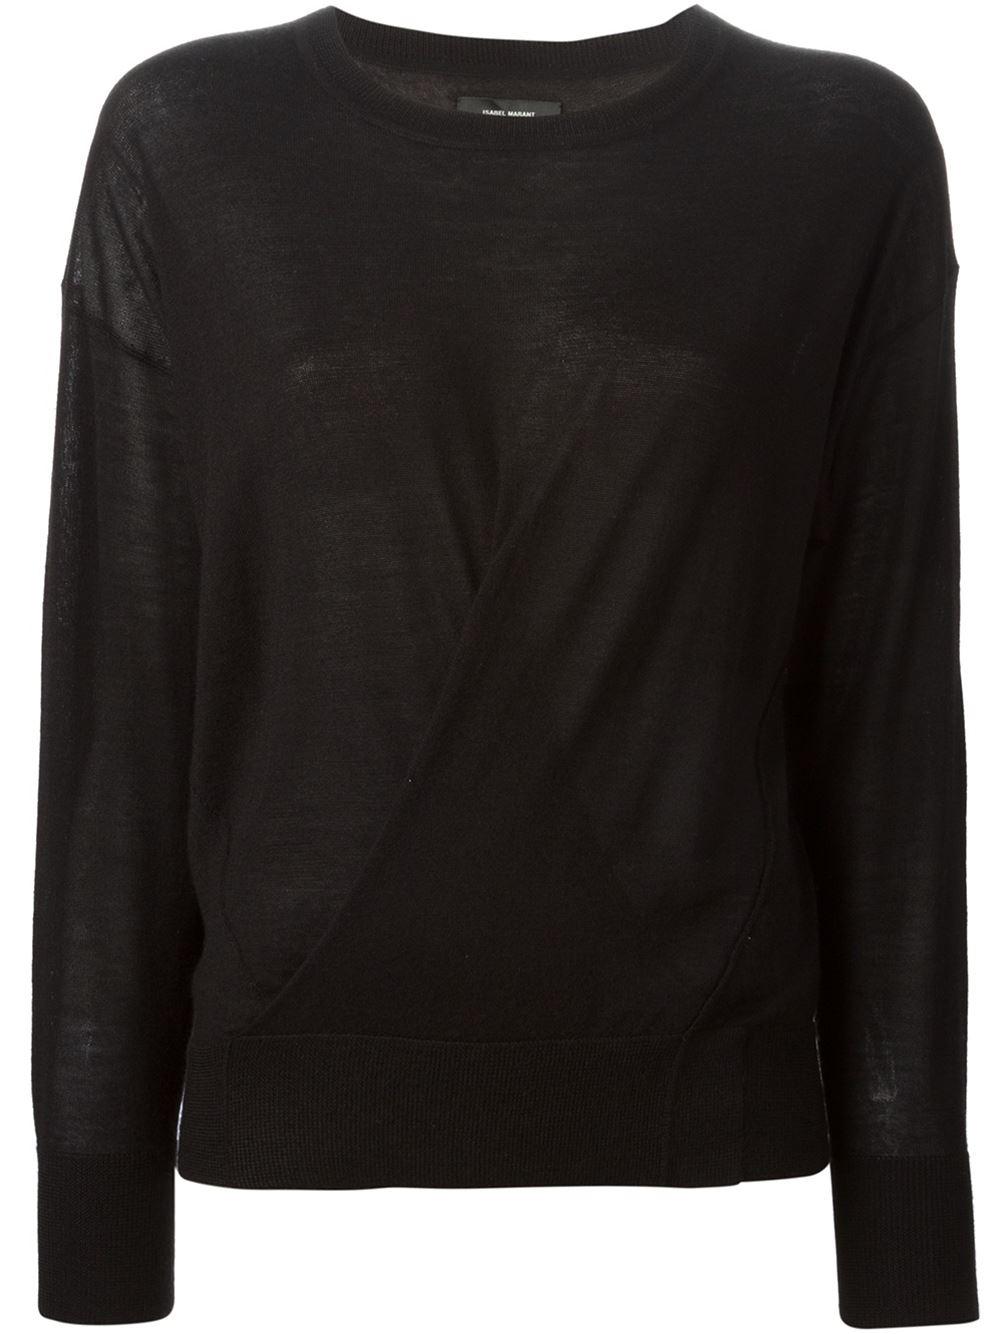 isabel marant 39 ben 39 sweater in black lyst. Black Bedroom Furniture Sets. Home Design Ideas